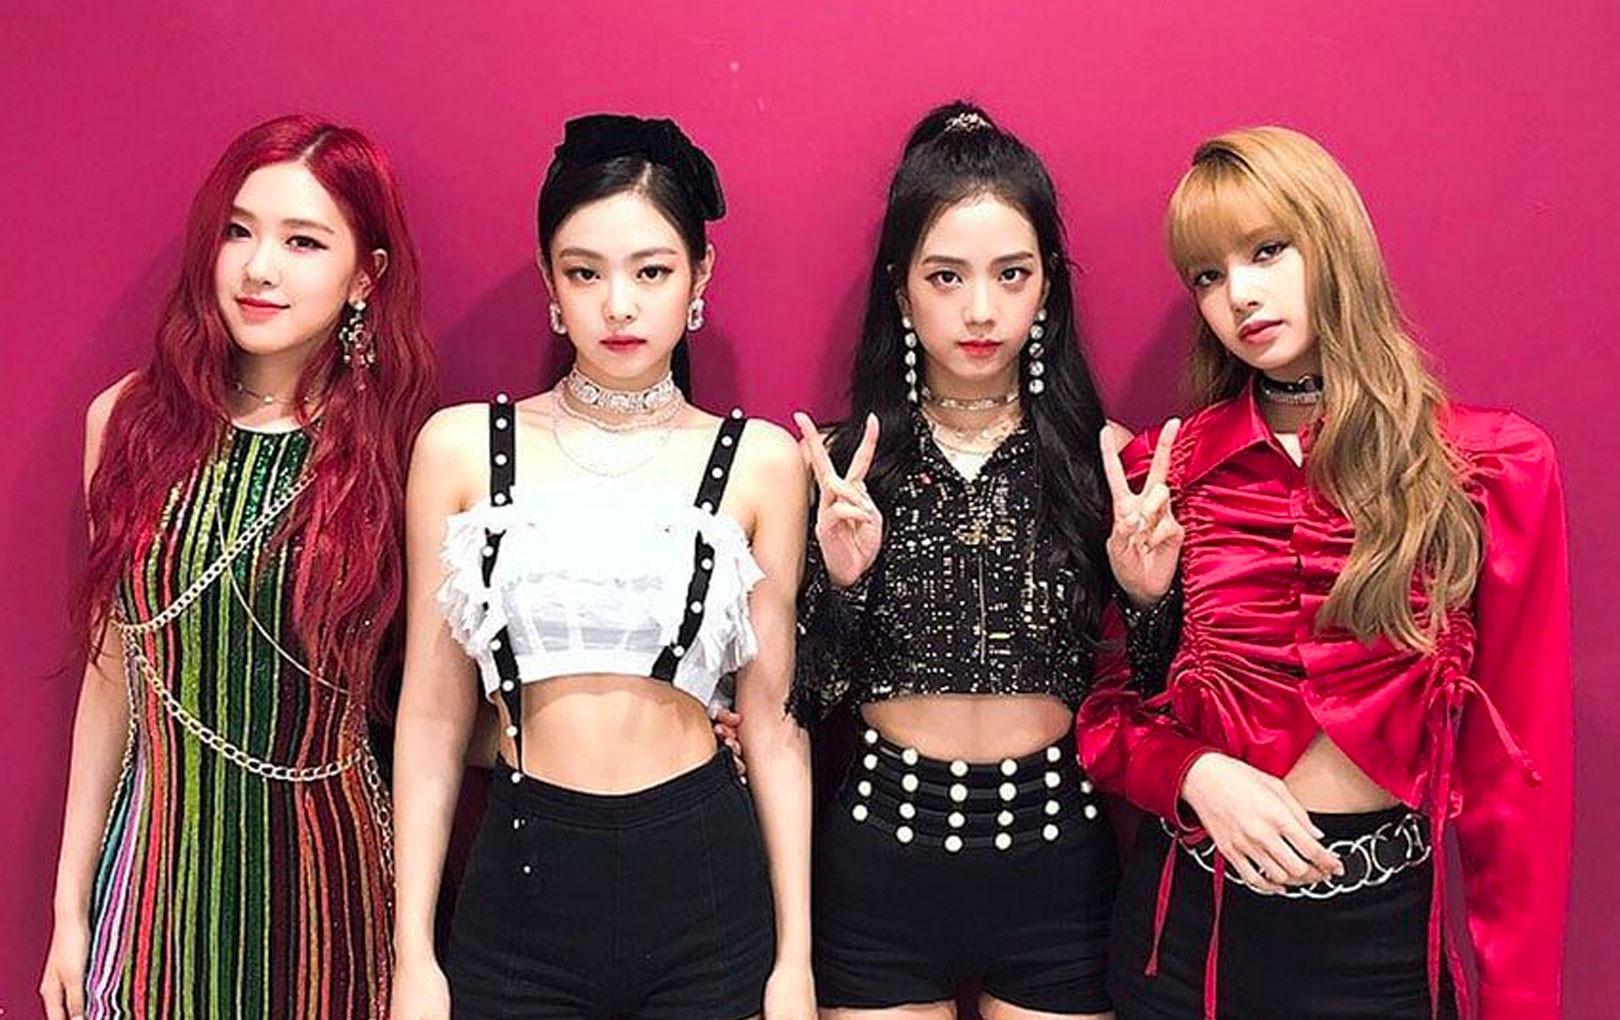 """20 album bán chạy nhất tuần đầu của girlgroup: Một tân binh """"đe doạ"""" BLACKPINK, """"nuốt chửng"""" BXH không phải SNSD"""